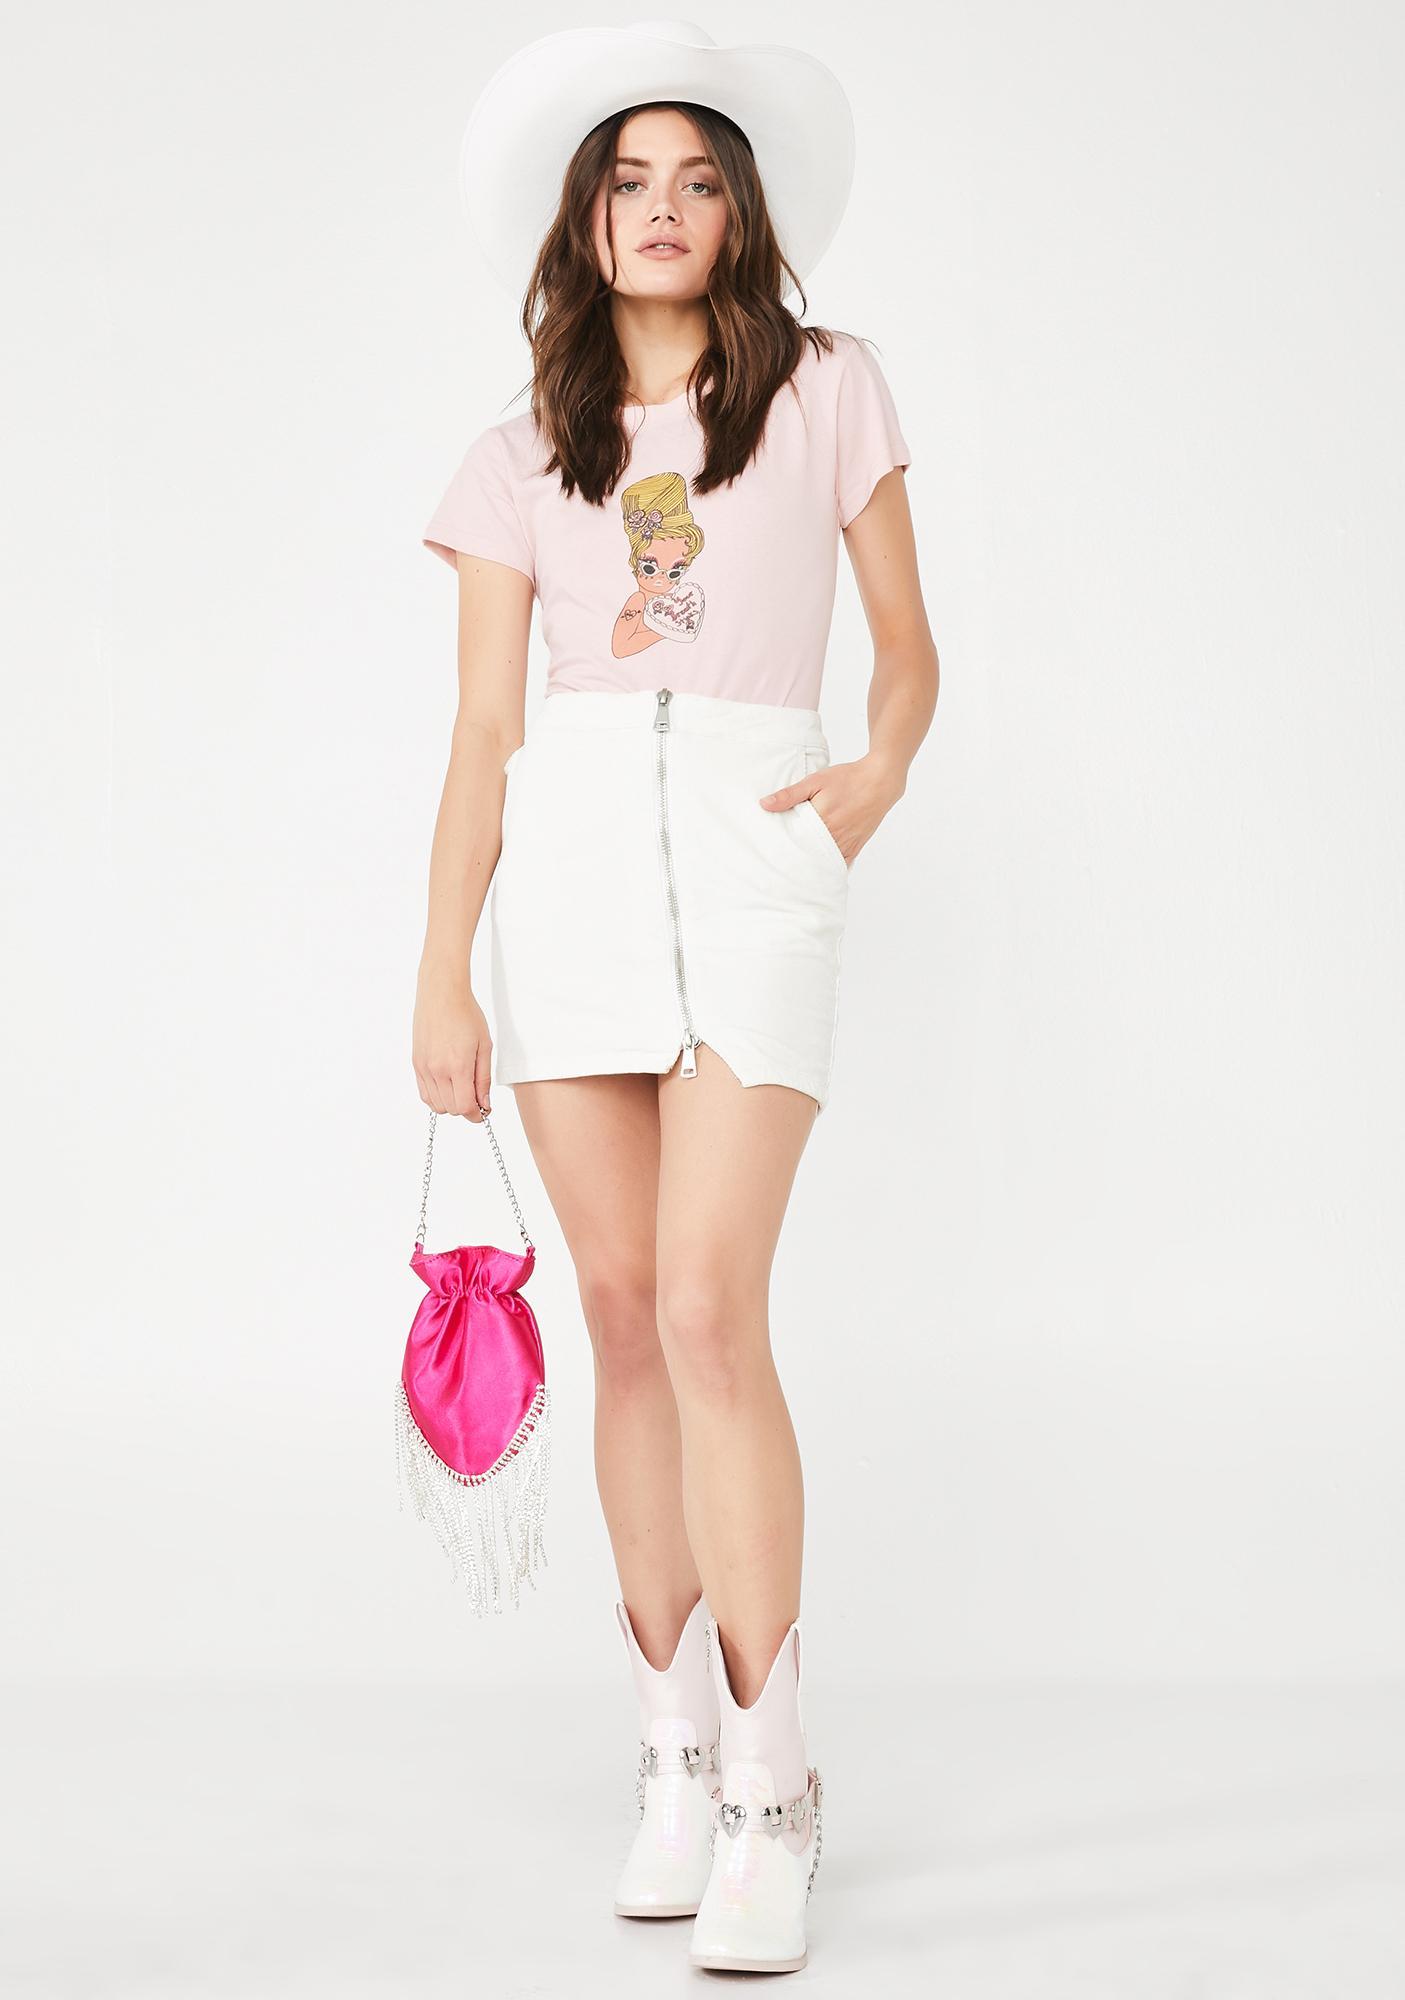 Lira Clothing Javelin Skirt